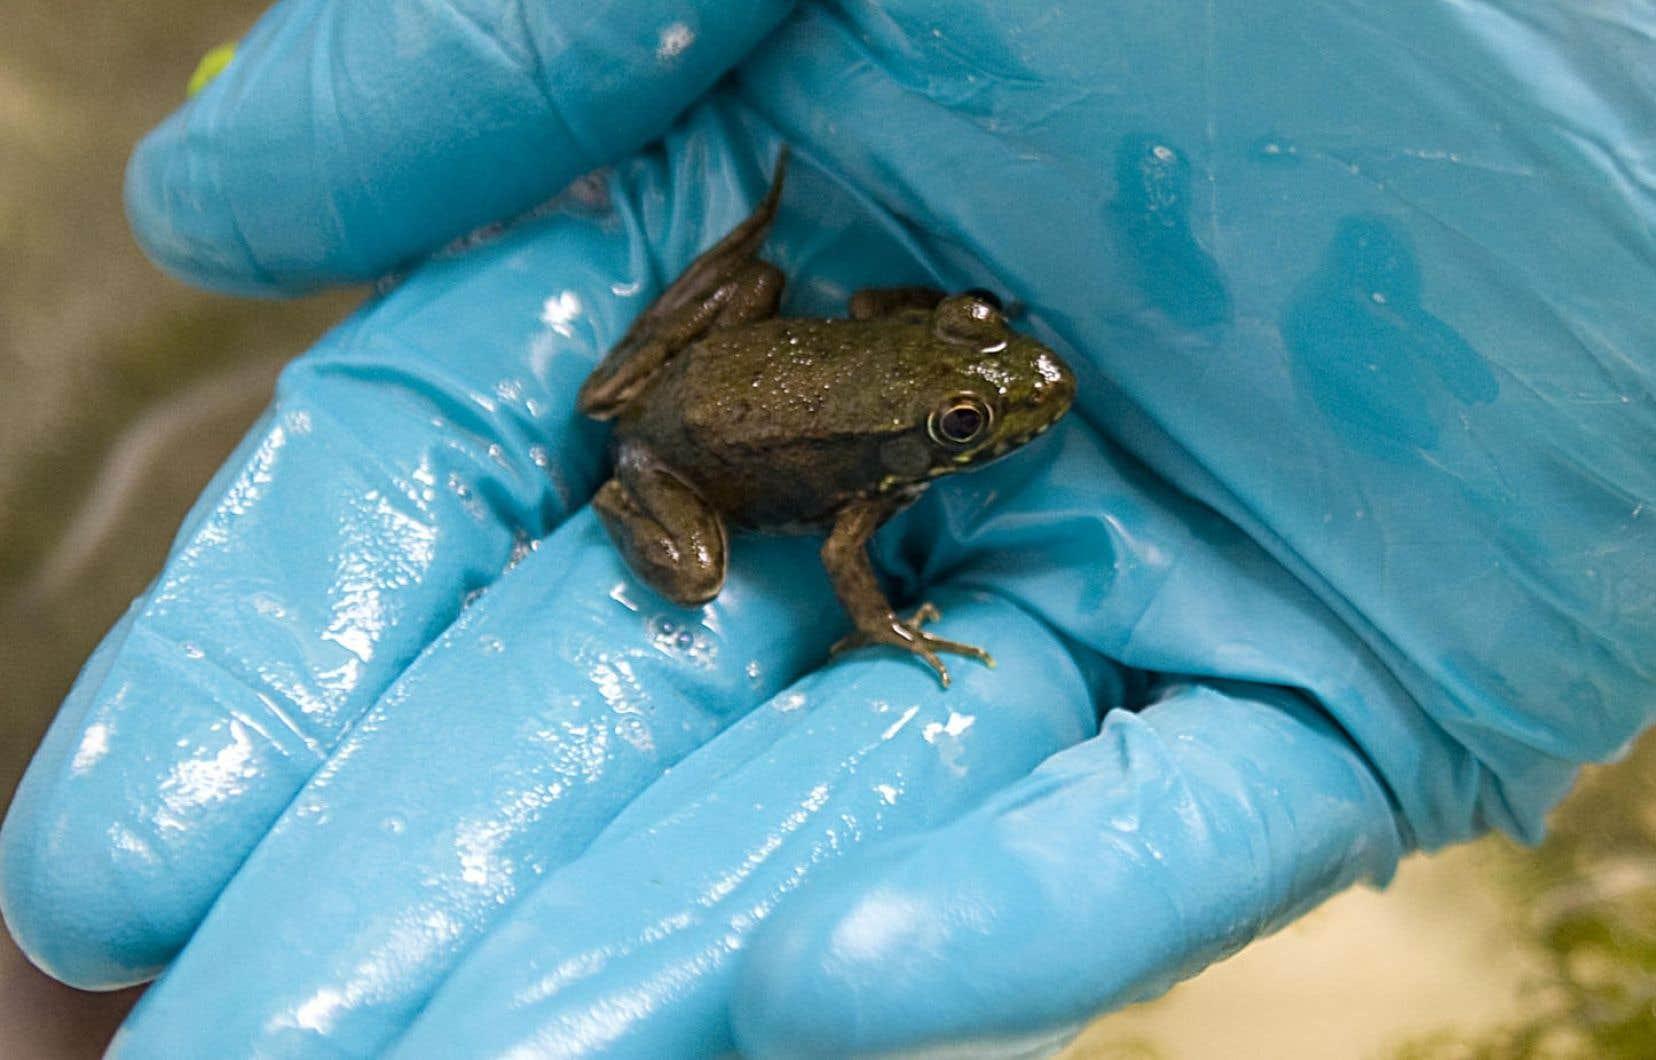 Les experts ont utilisé des données provenant de quelque 570 espèces vivantes de vertébrés terrestres. Leurs travaux comprenaient des espèces d'amphibiens, de reptiles, d'oiseaux et de mammifères.